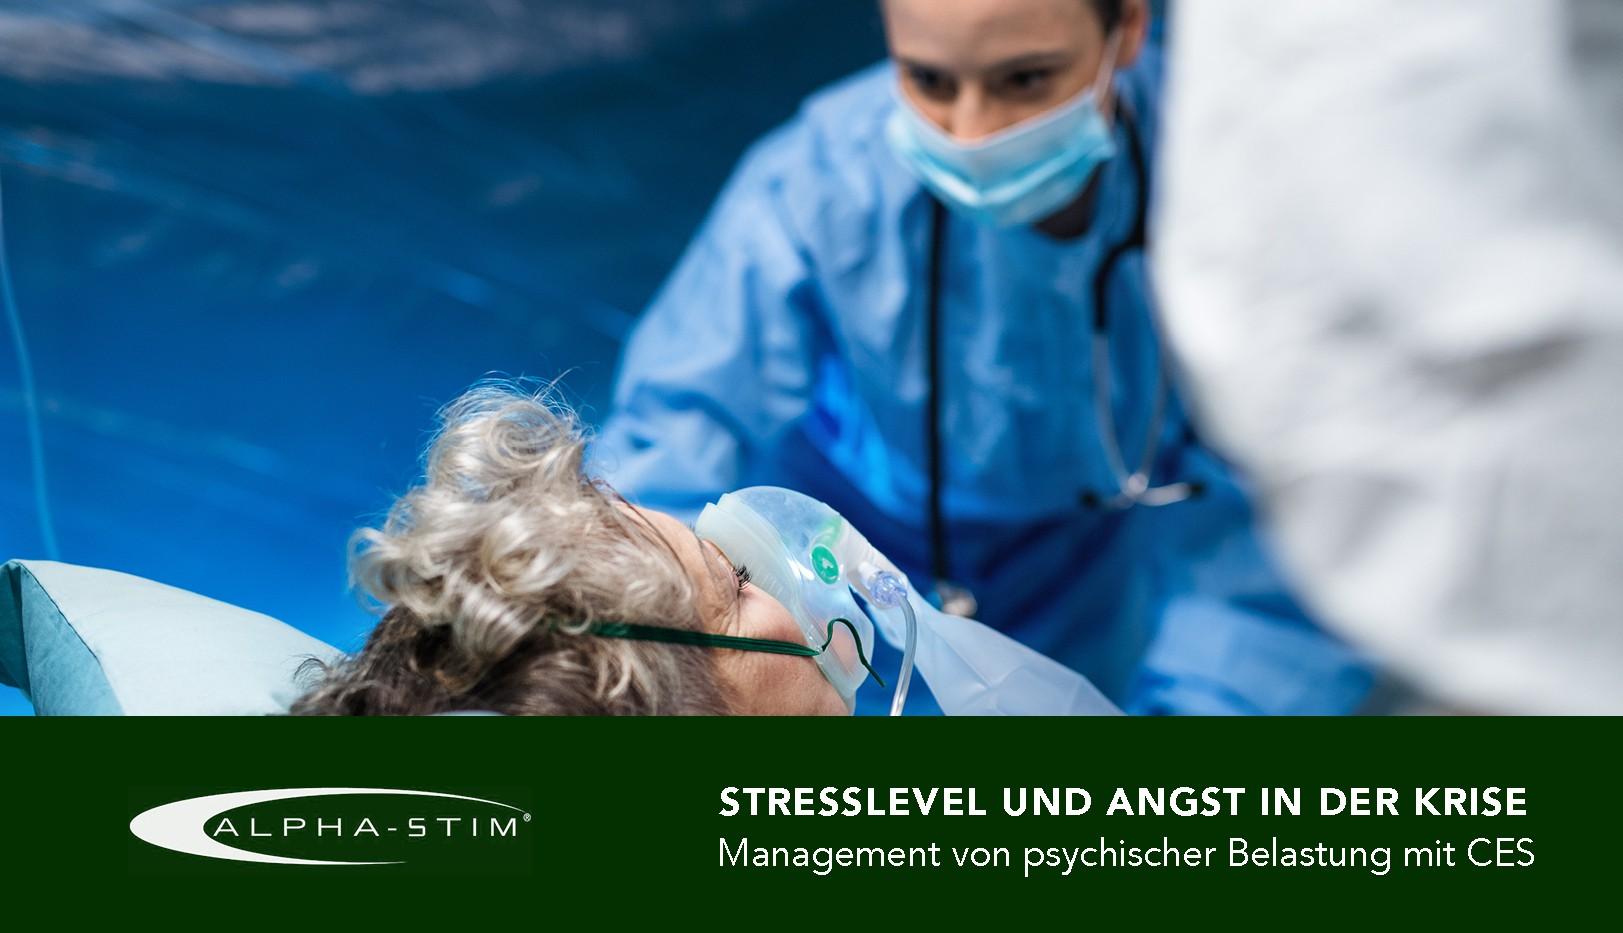 Stresslevel und Angst in der Krise